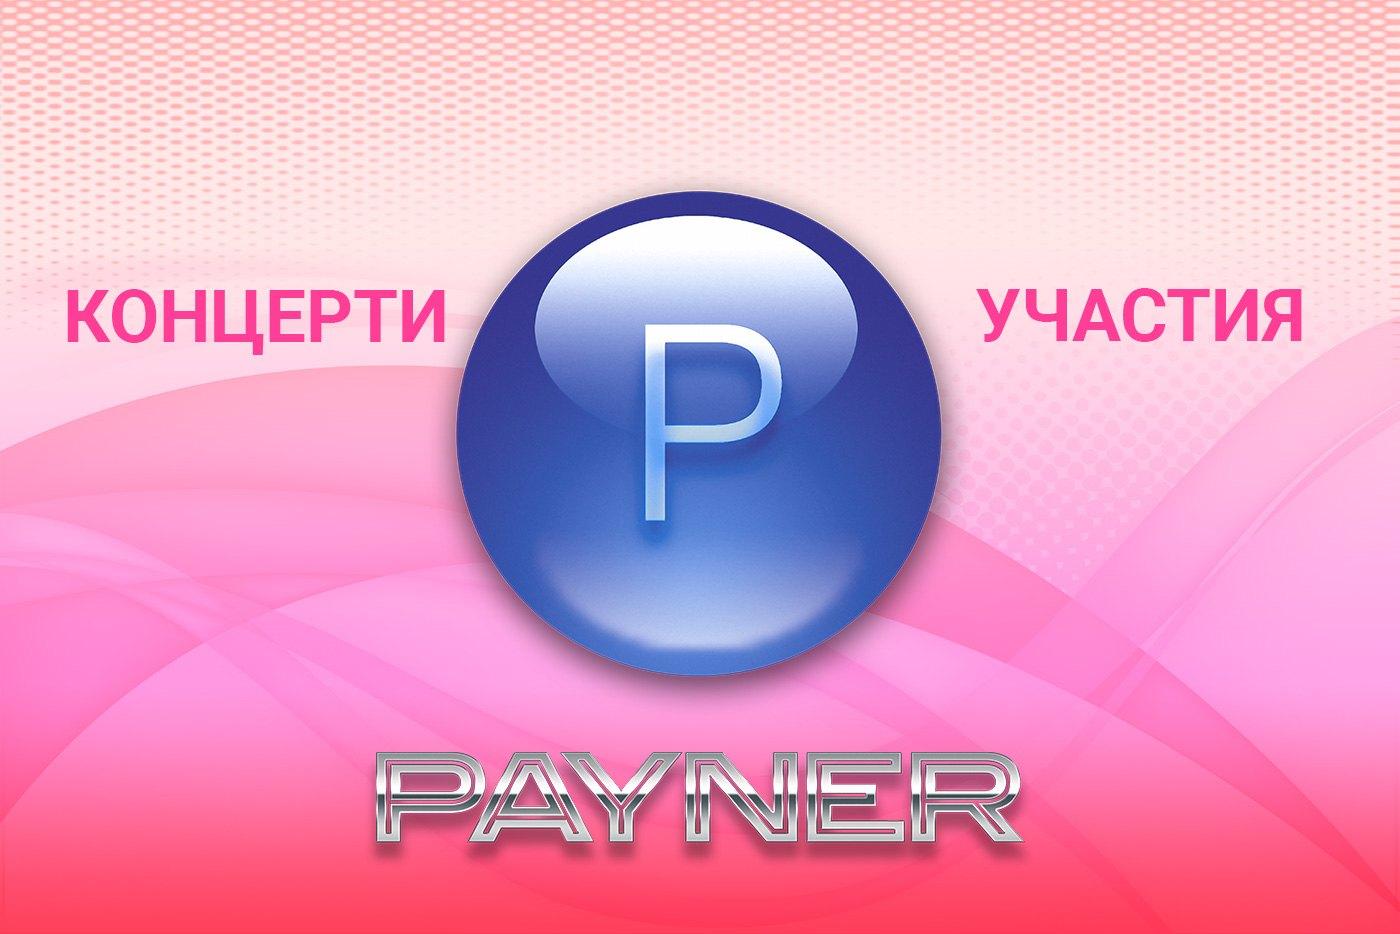 """Участия на звездите на """"Пайнер"""" на 18.12.2018"""